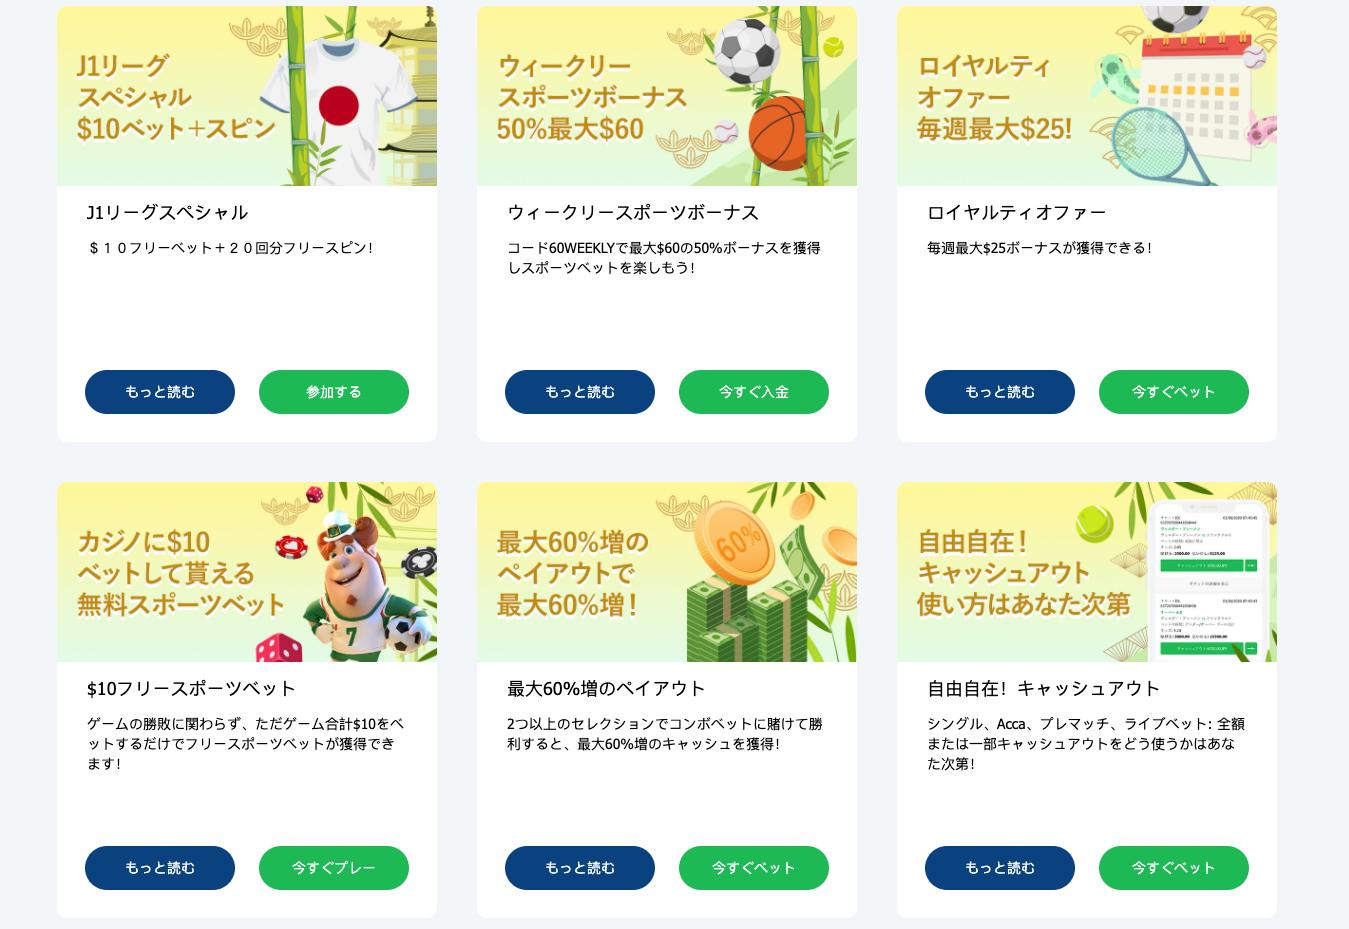 日本国内限定イベント多数